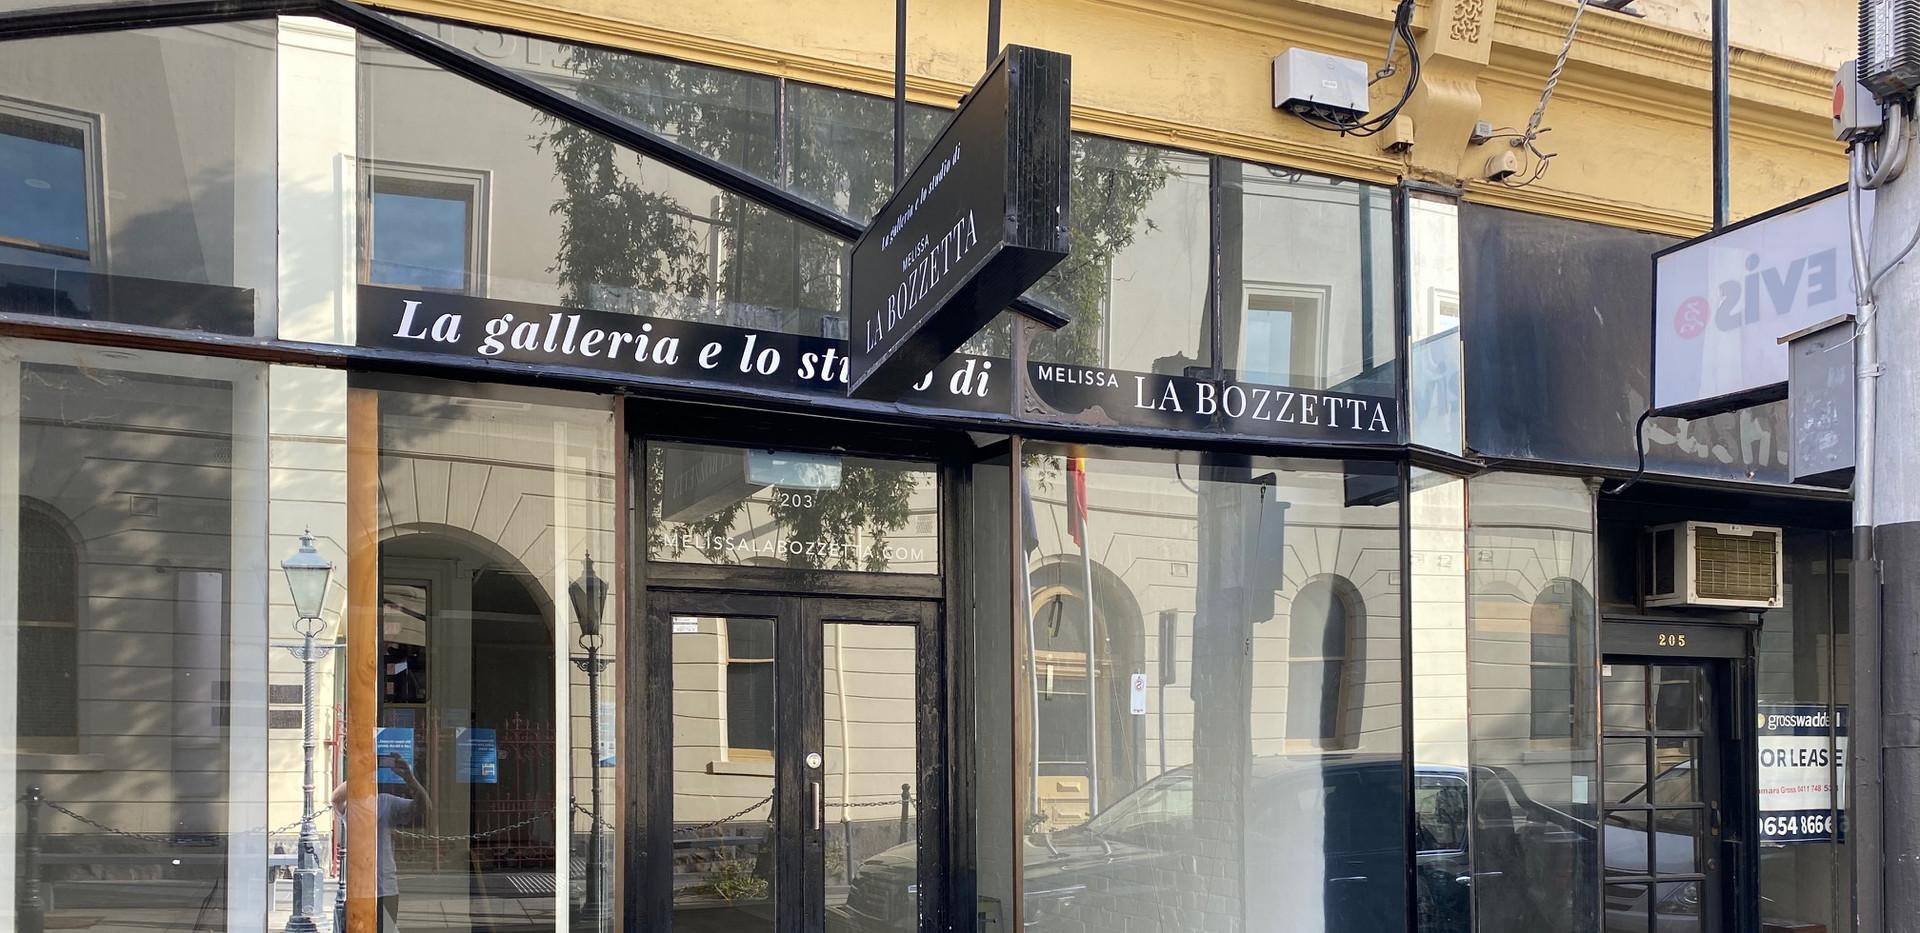 La Galleria Bozetta